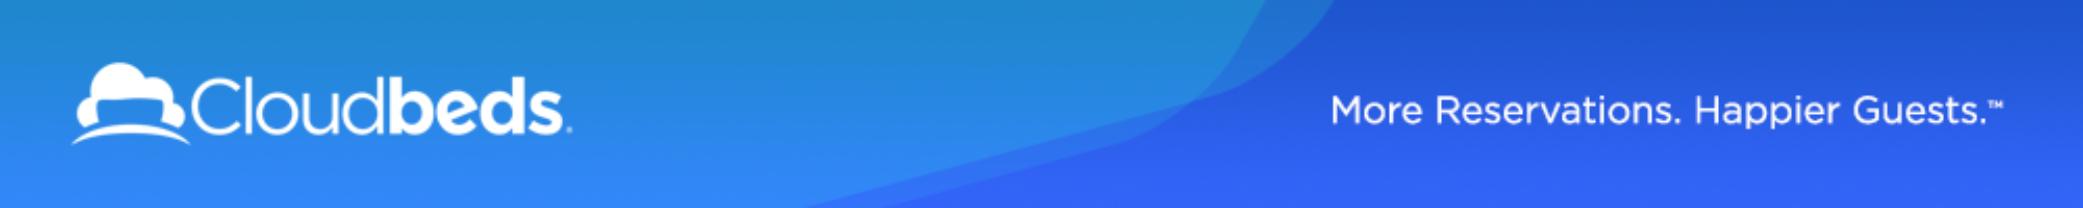 Cloudbeds ALP Website Banner